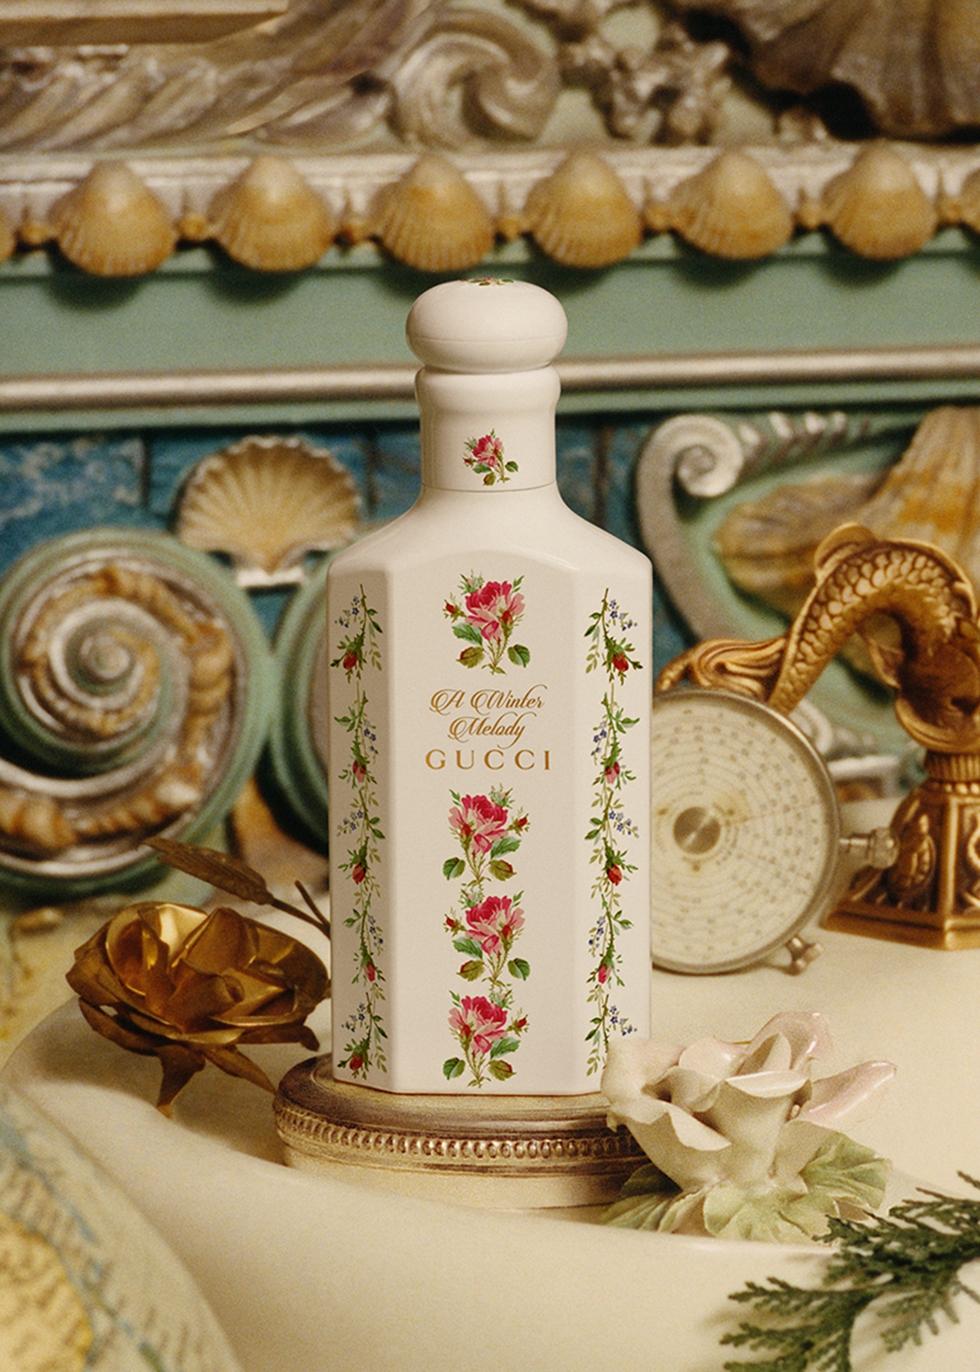 The Alchemist's Garden A Winter Melody Acqua Profumata 150ml - Gucci